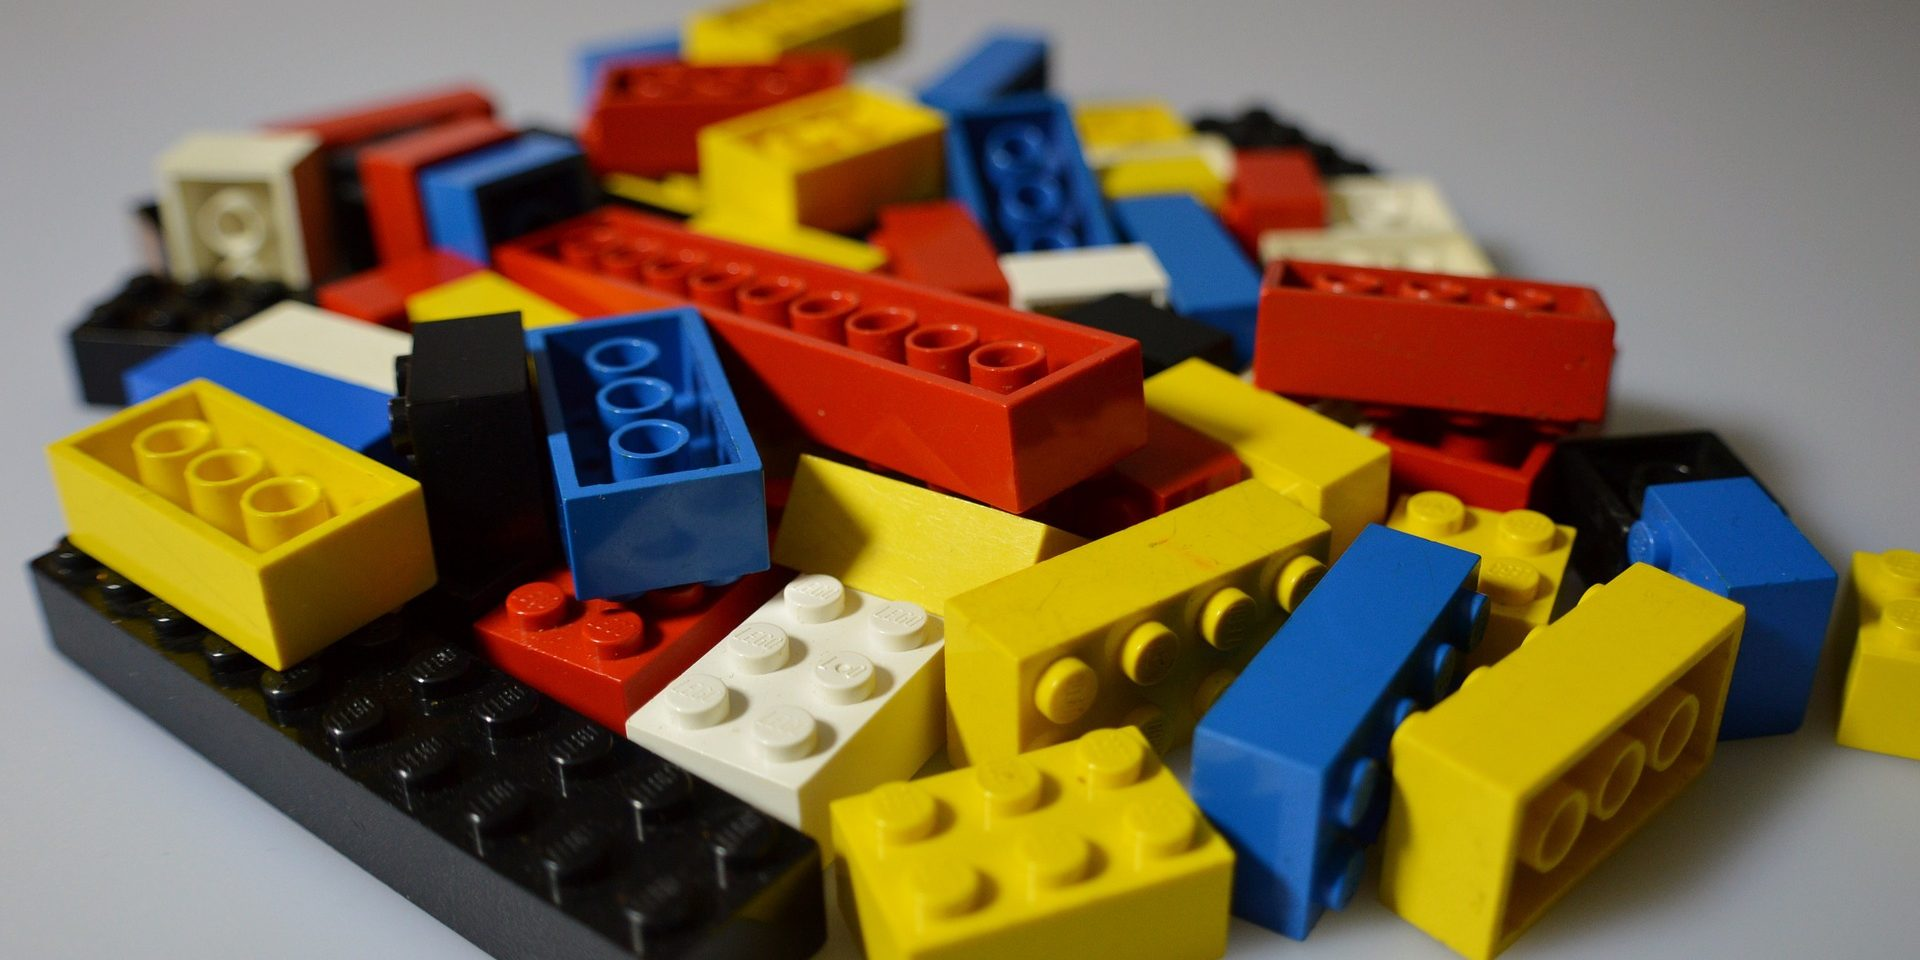 Wix aktie investieren in lego f r web entwickler for Lego entwickler job